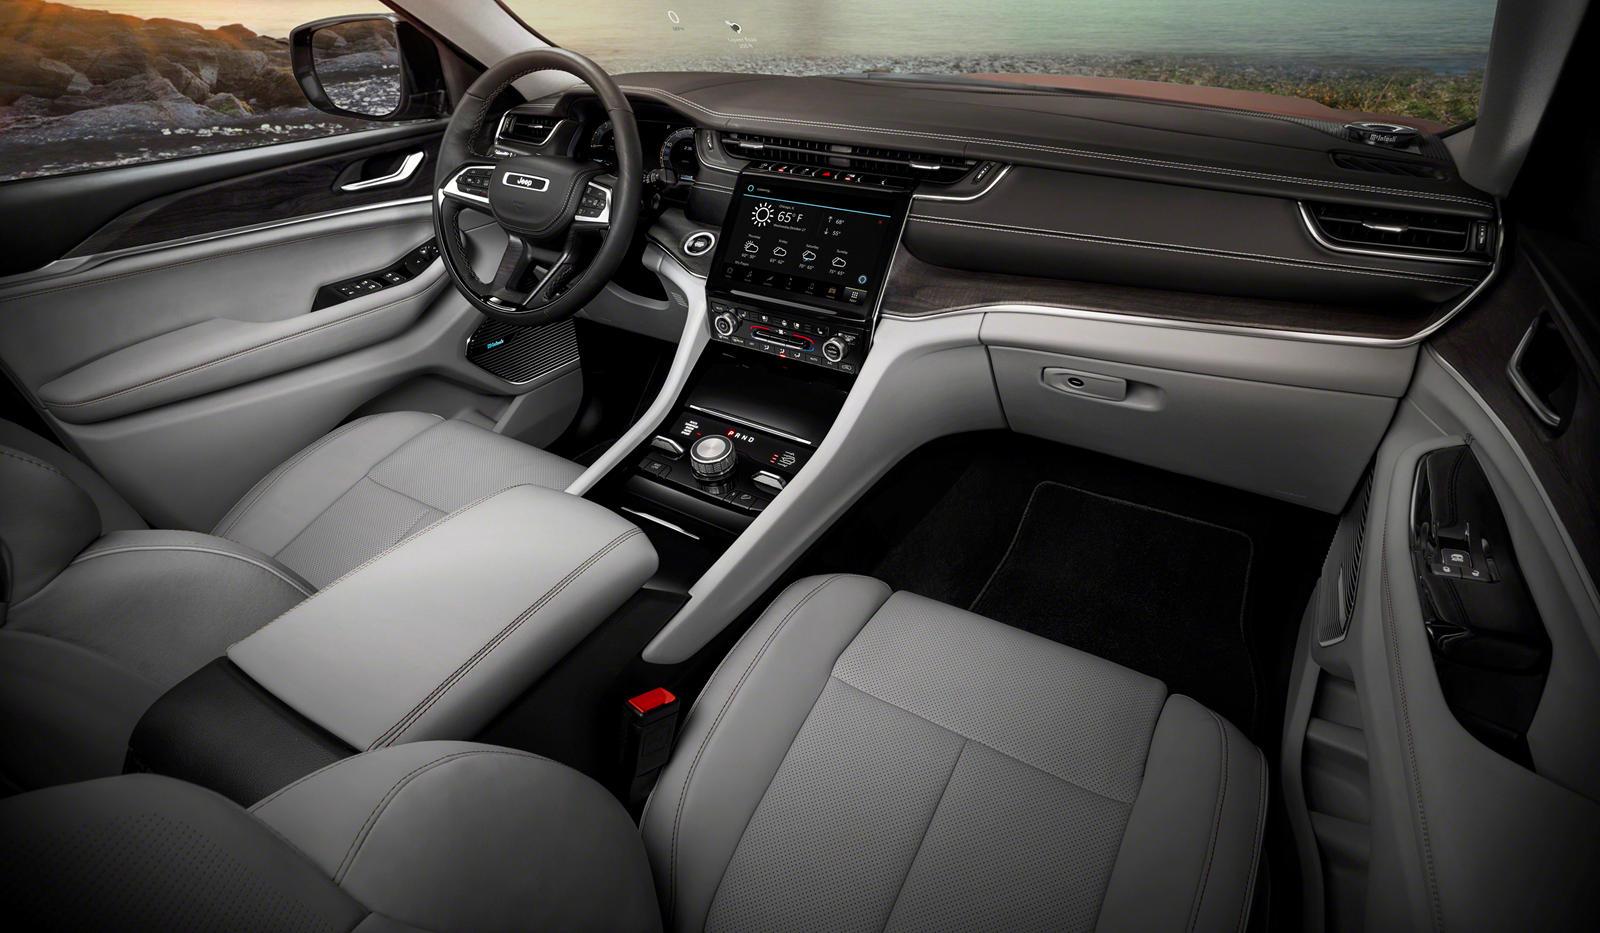 По слухам, нынешнее поколение Grand Cherokee WK2 будет заменено новым поколением WL в 2021 модельном году, но в новом отчете Automotive News утверждается иное. Automotive News утверждают, что двухрядный Grand Cherokee появится не раньше третьего квар